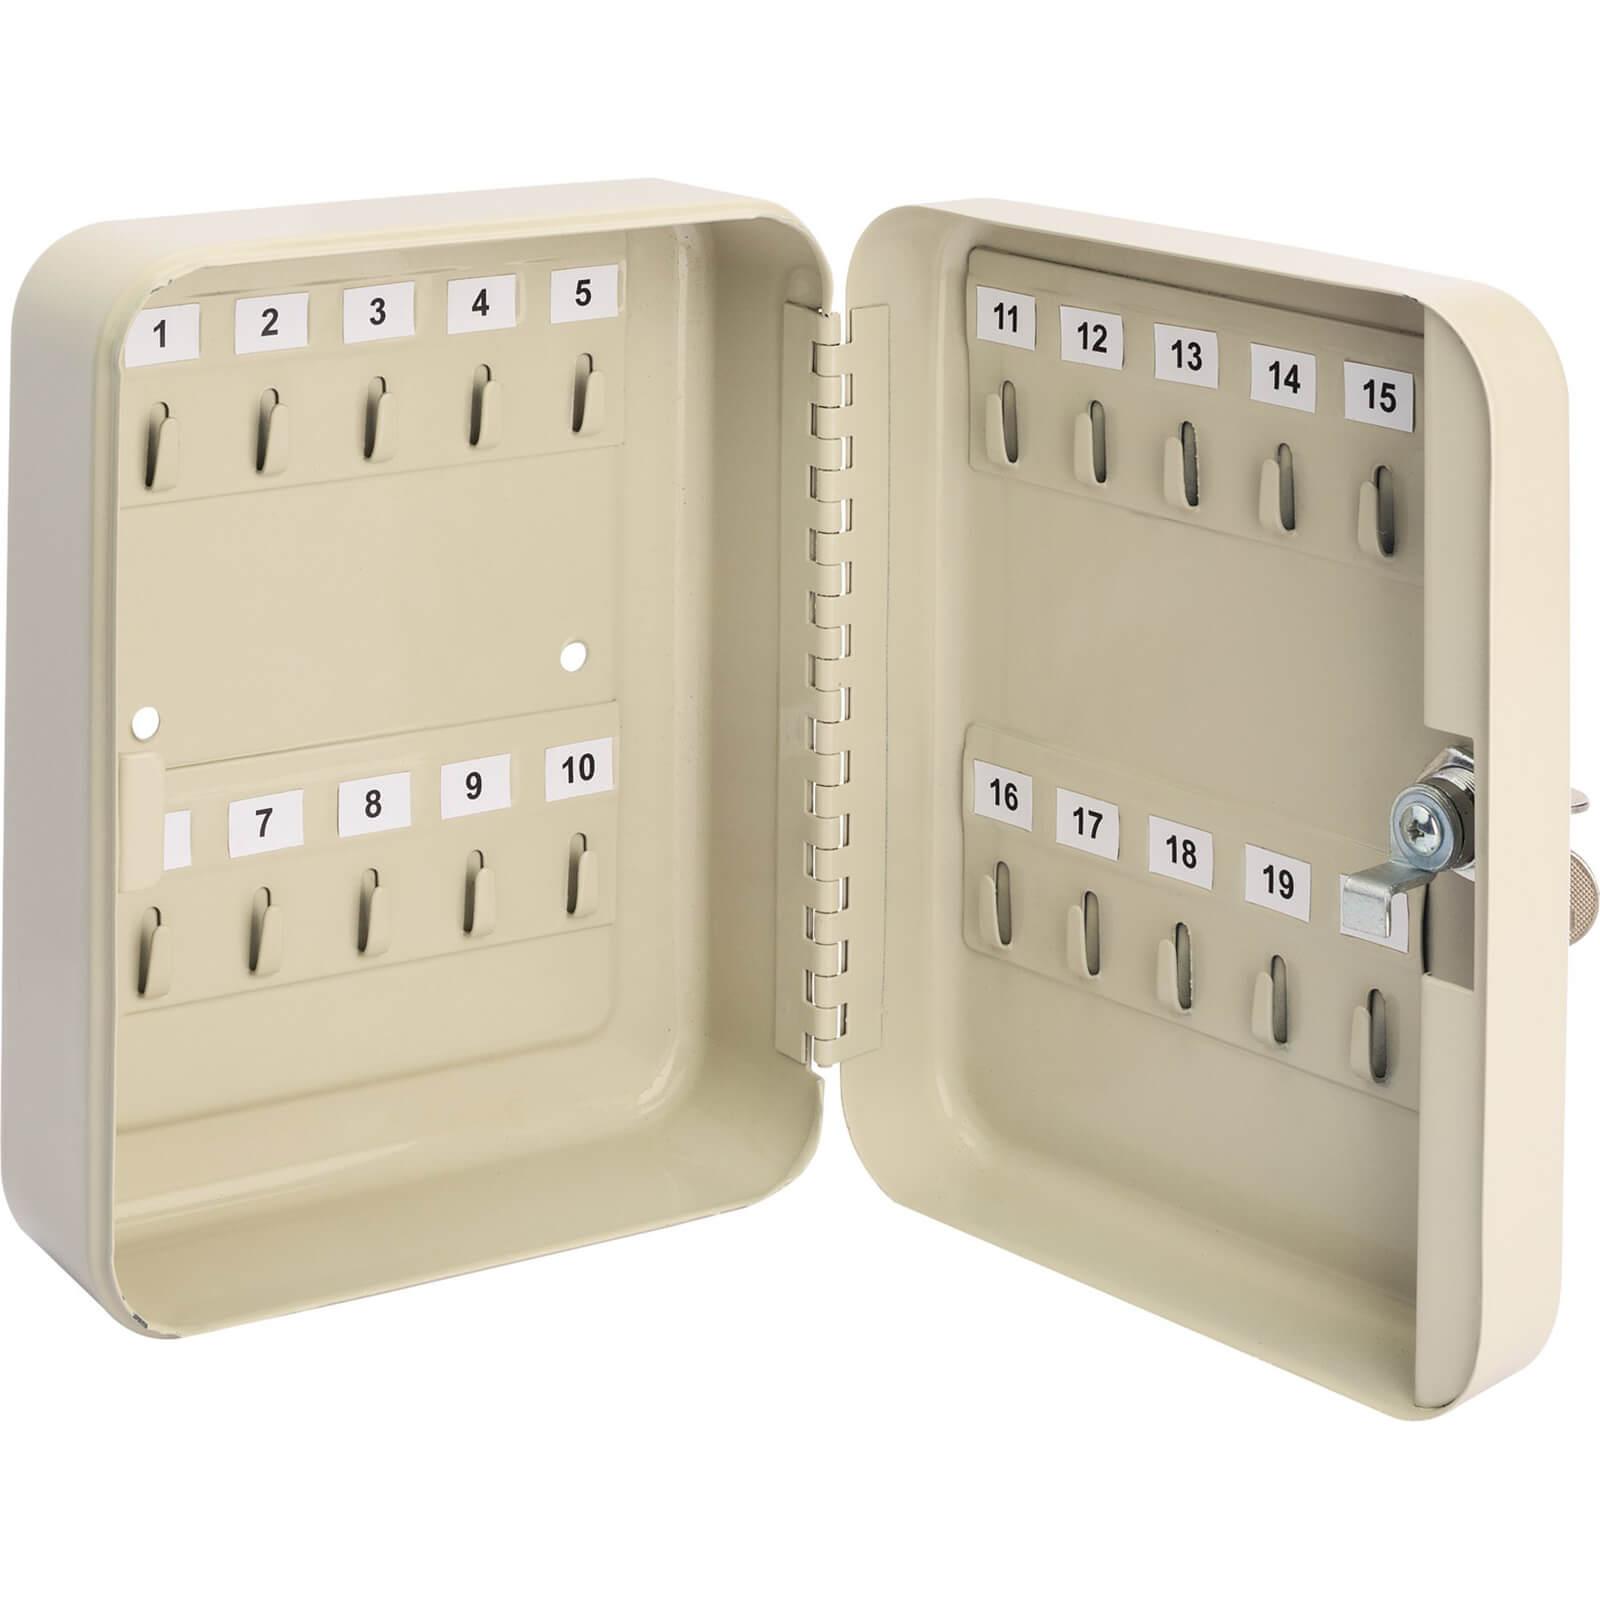 Image of Draper 20 Hook Key Cabinet Safe